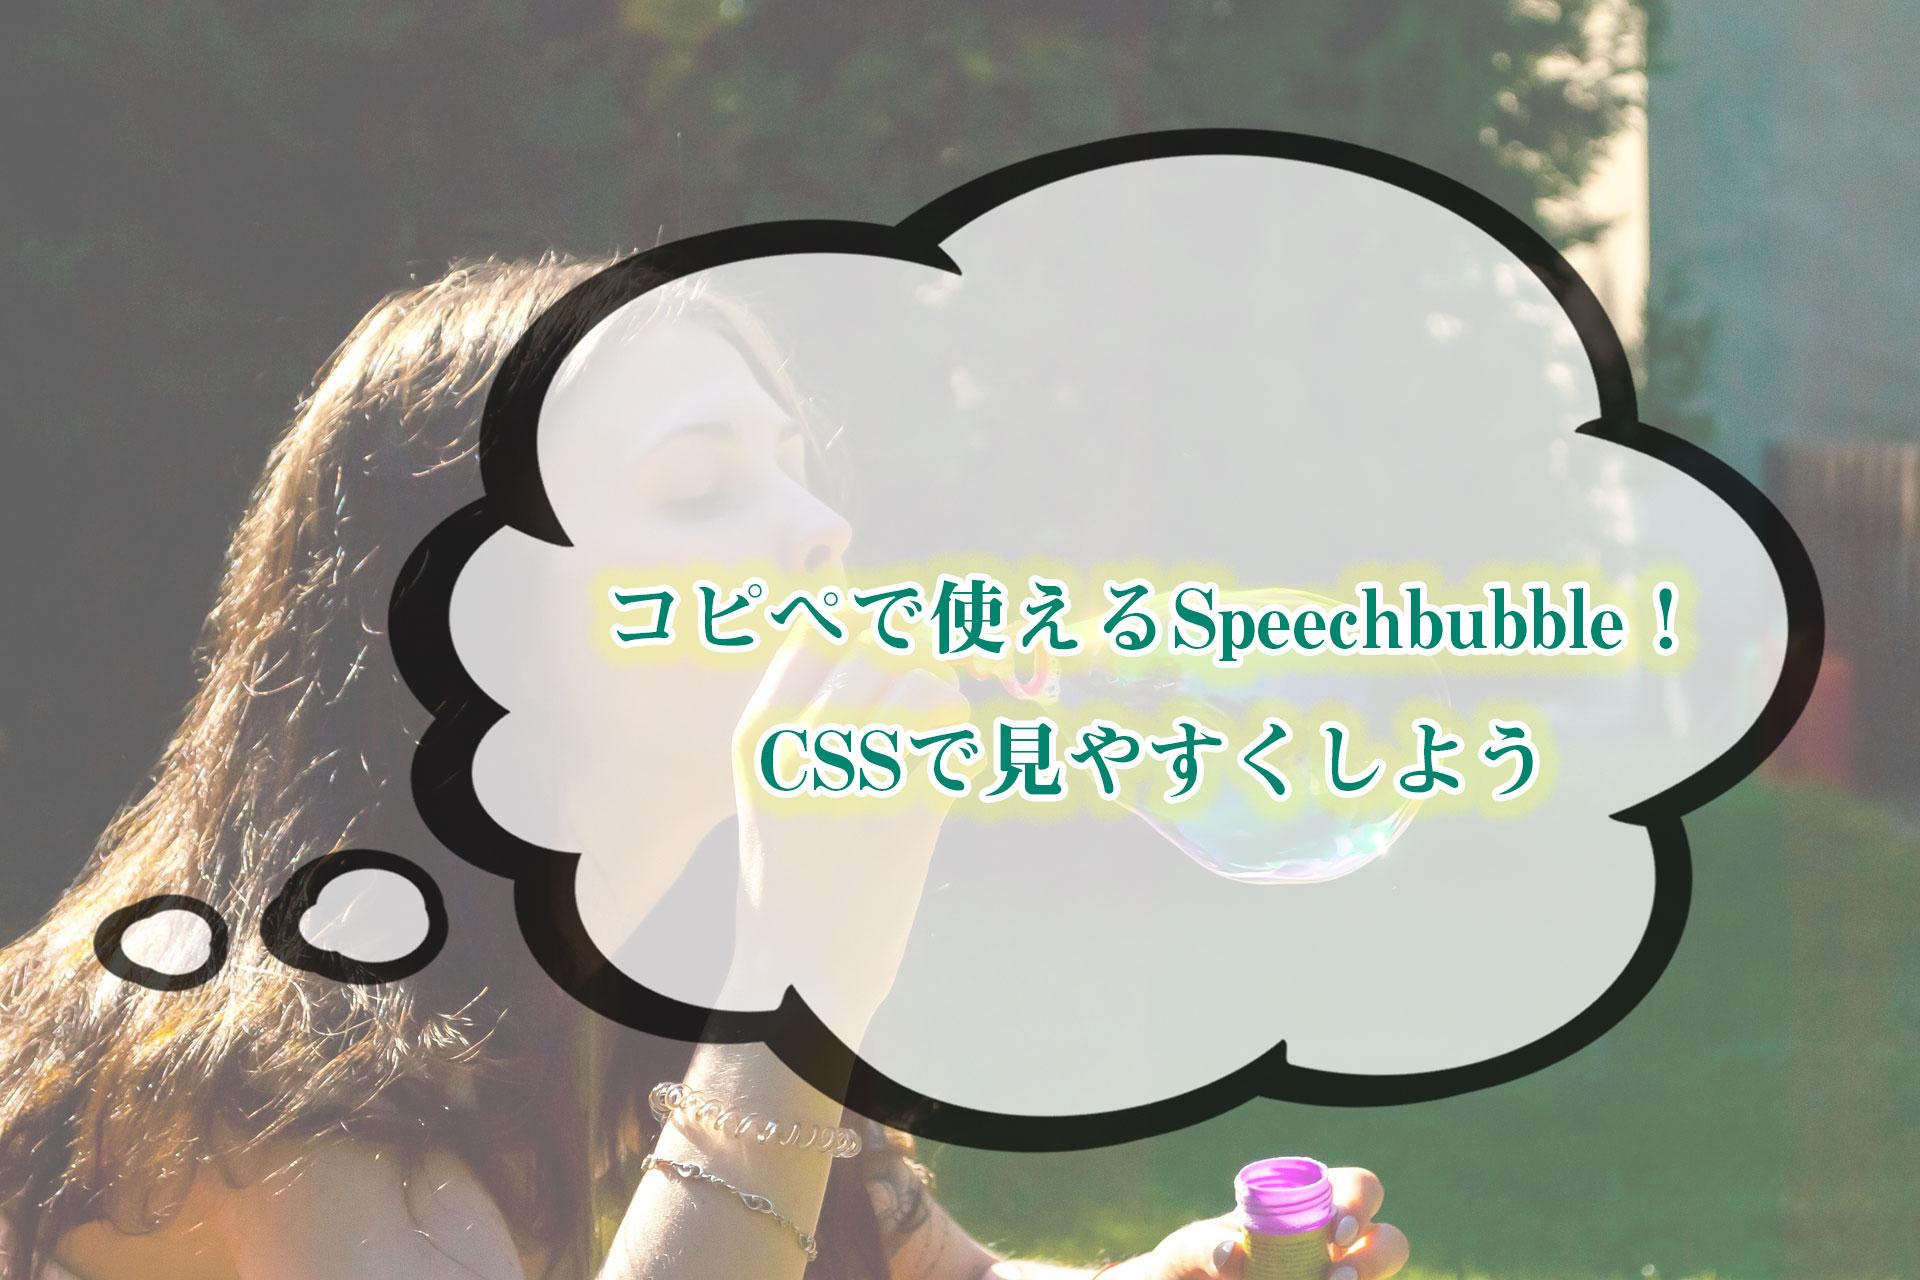 Speechbubbleをコピペで見やすく!CSSでアレンジしよう